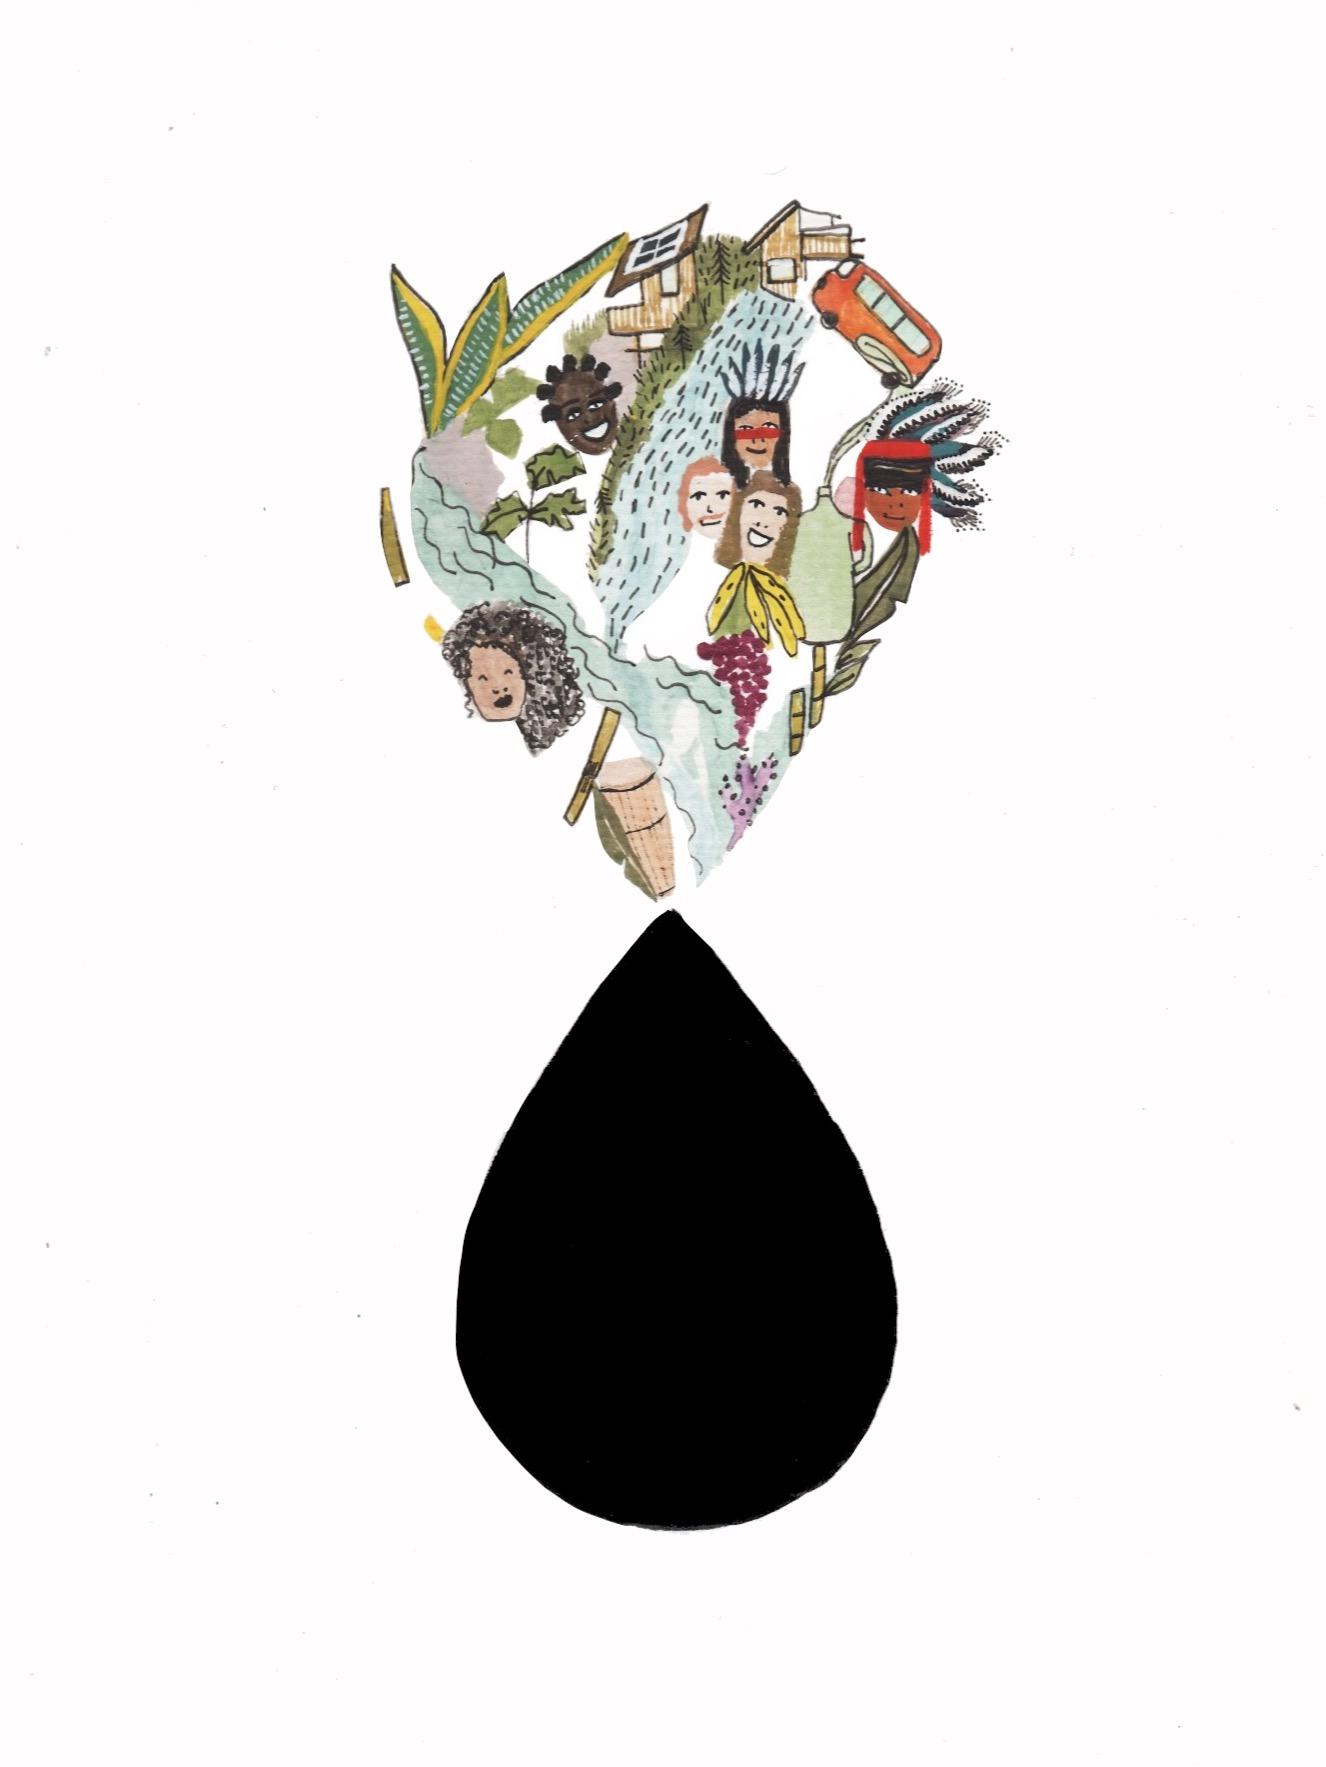 Áreas Livres de Petróleo